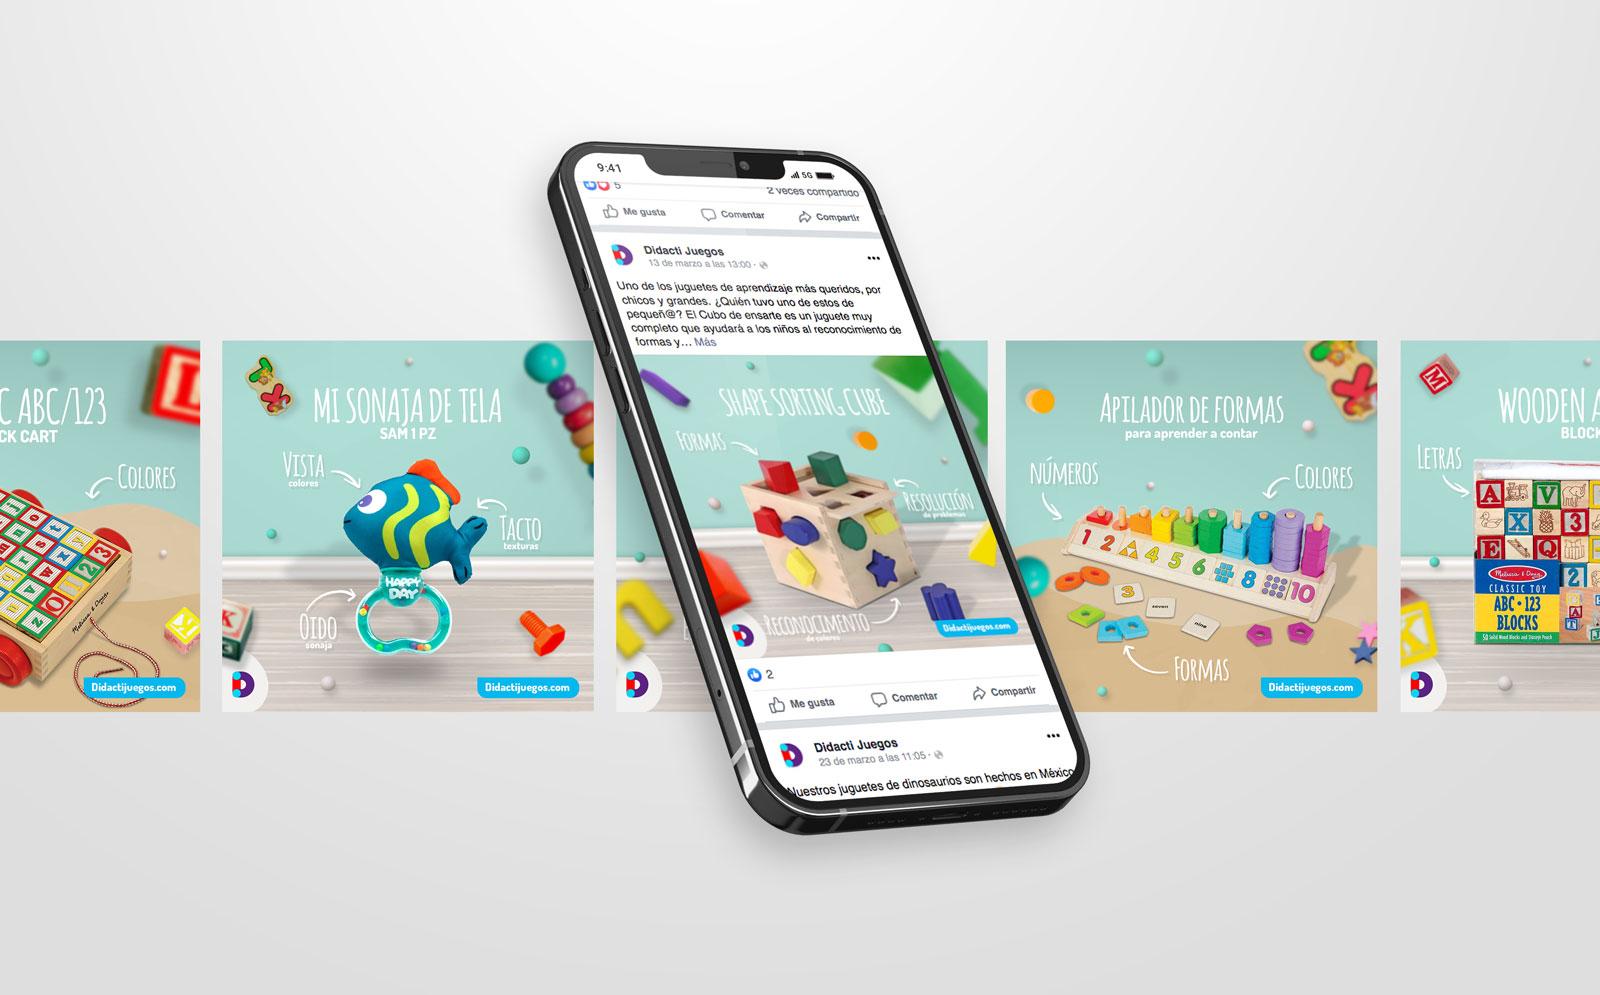 mambo-agencia-creativa-didacti-juegos-social-media-mockup-8